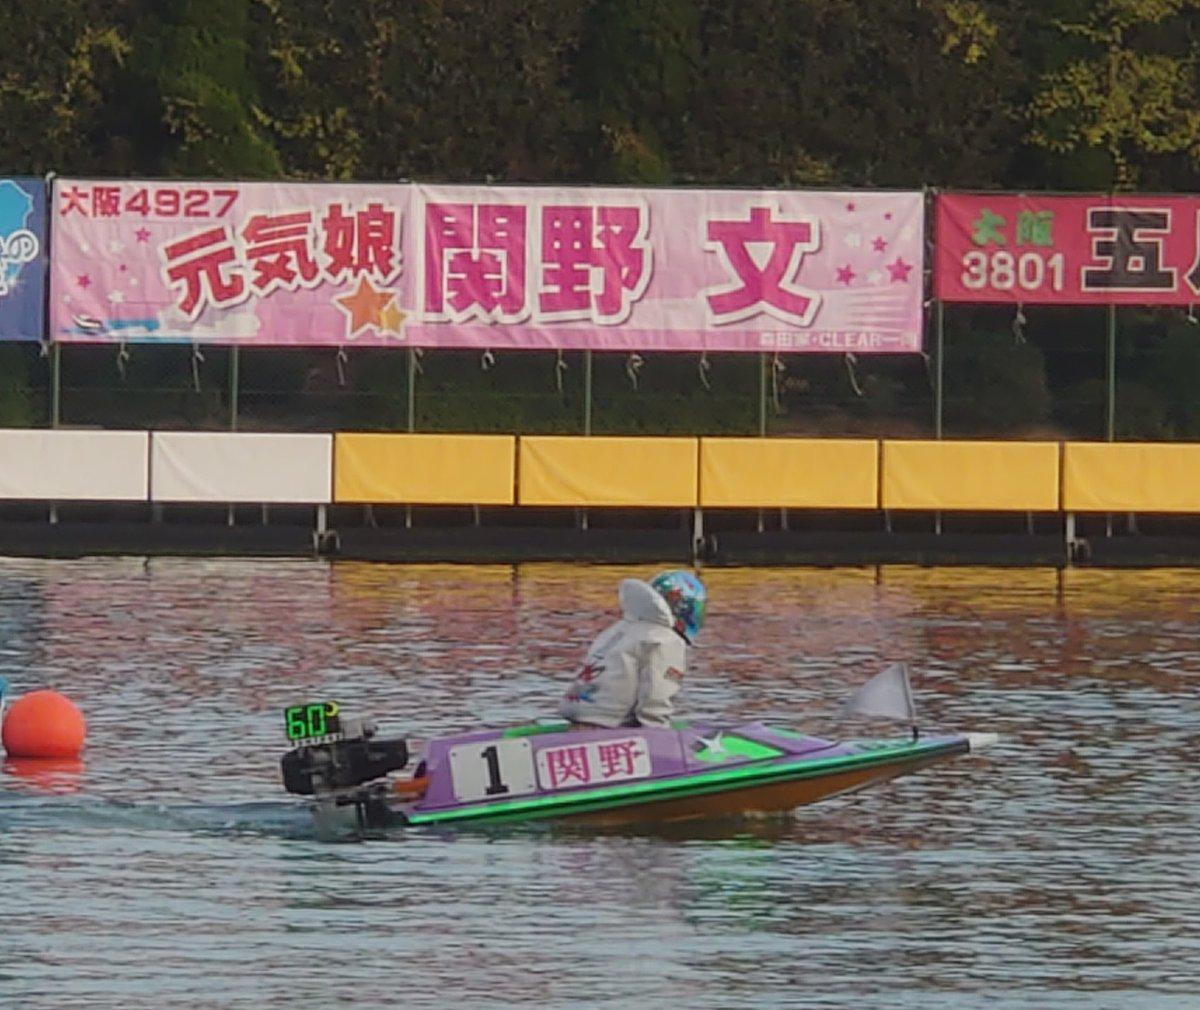 住之江 ボート レース